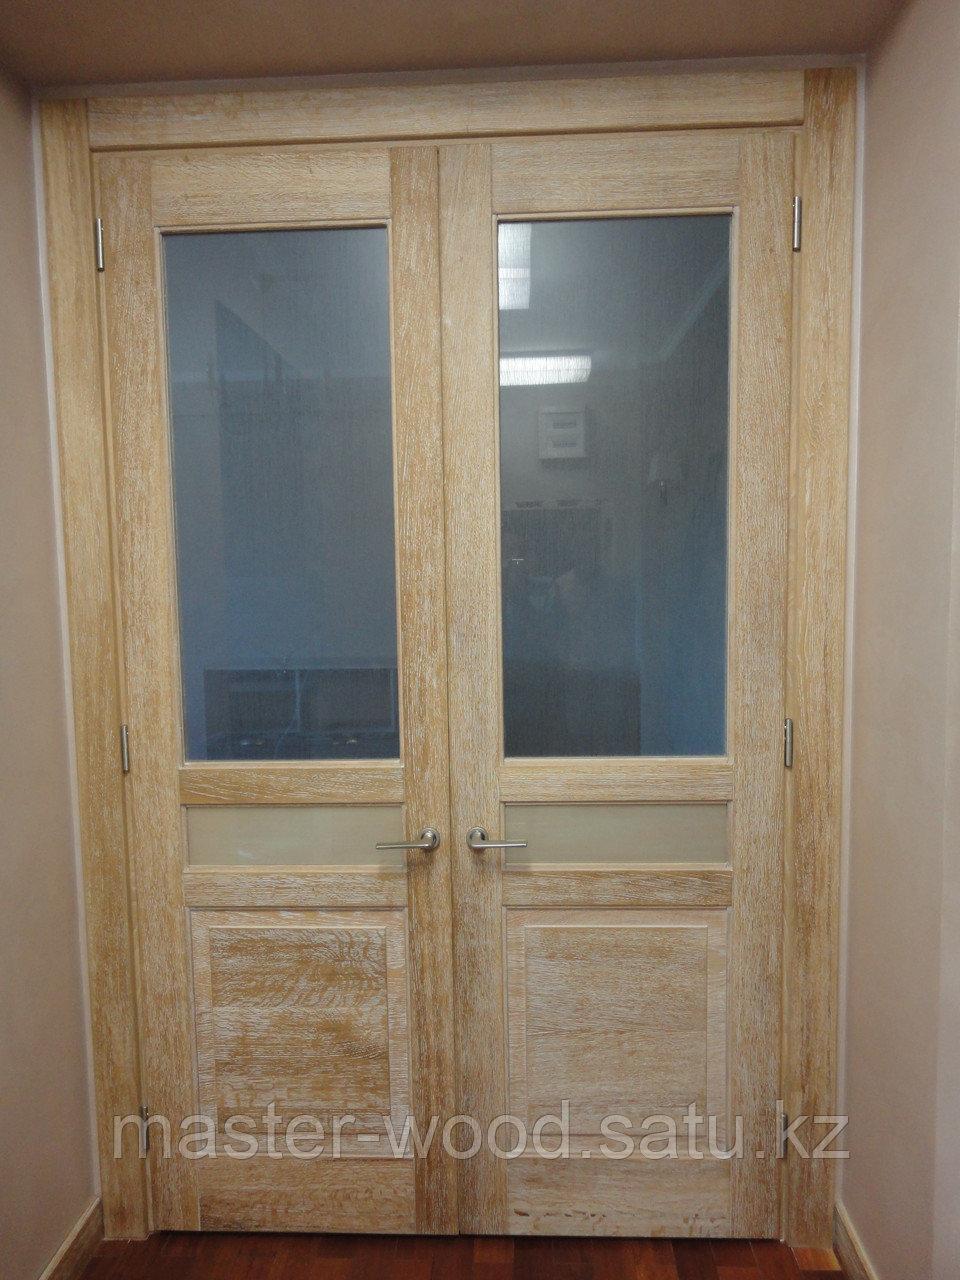 Двери межкомнатные Алматы - фото 1